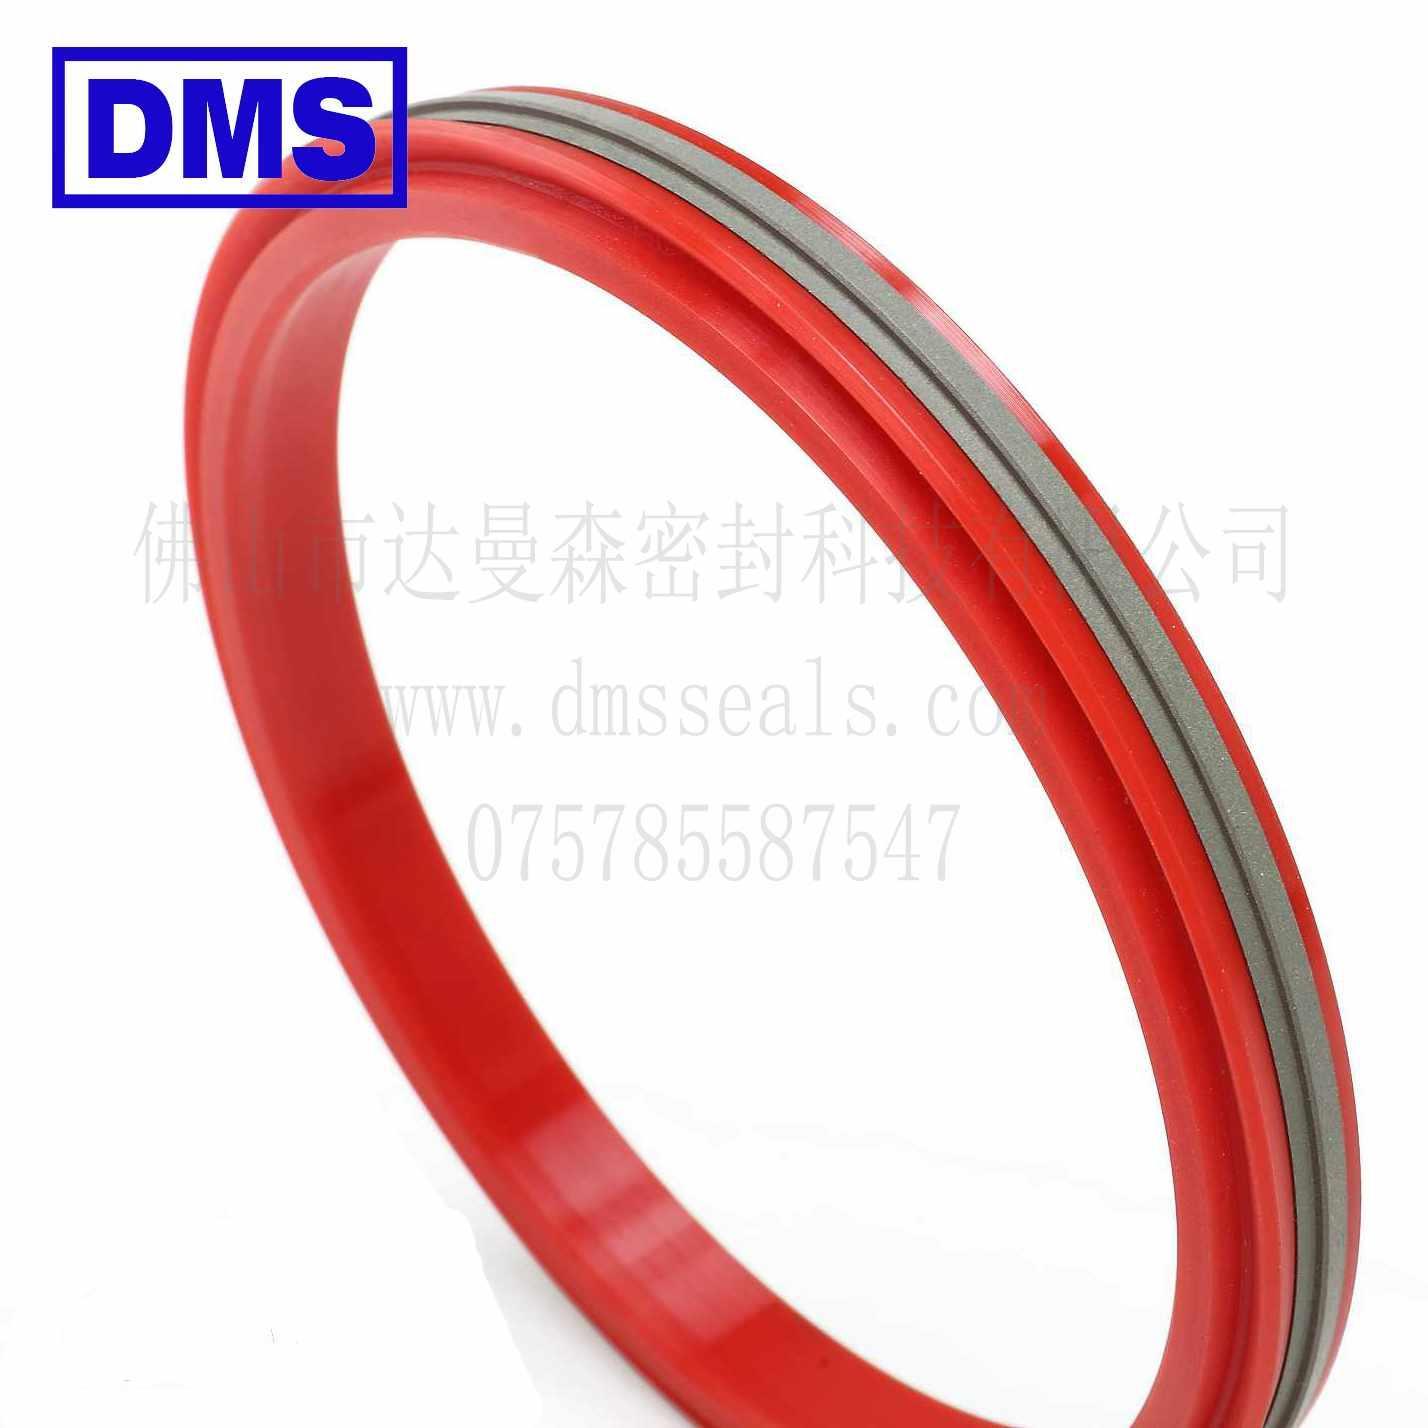 DDA - PTFE Hydraulic Piston Seal with NBR/FKM O-Ring